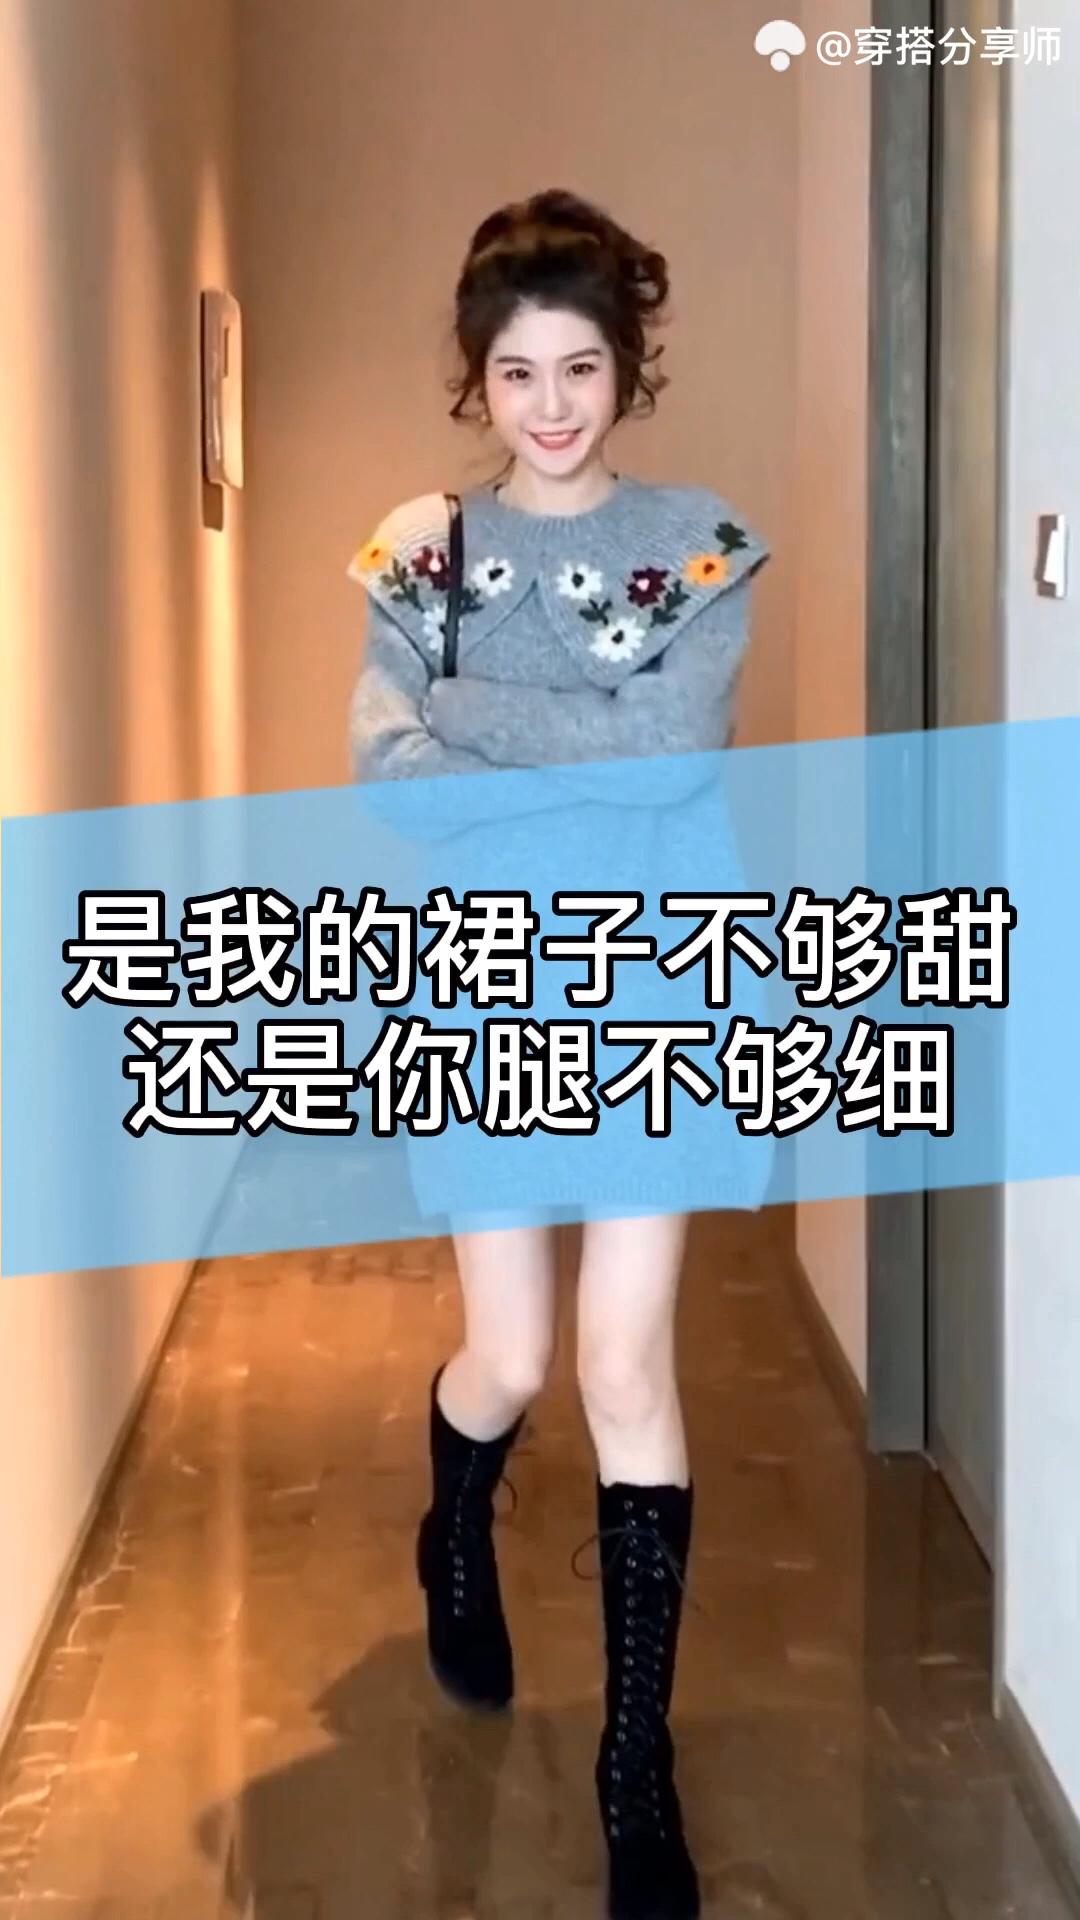 #大衣x毛衣冬日最养眼cp#